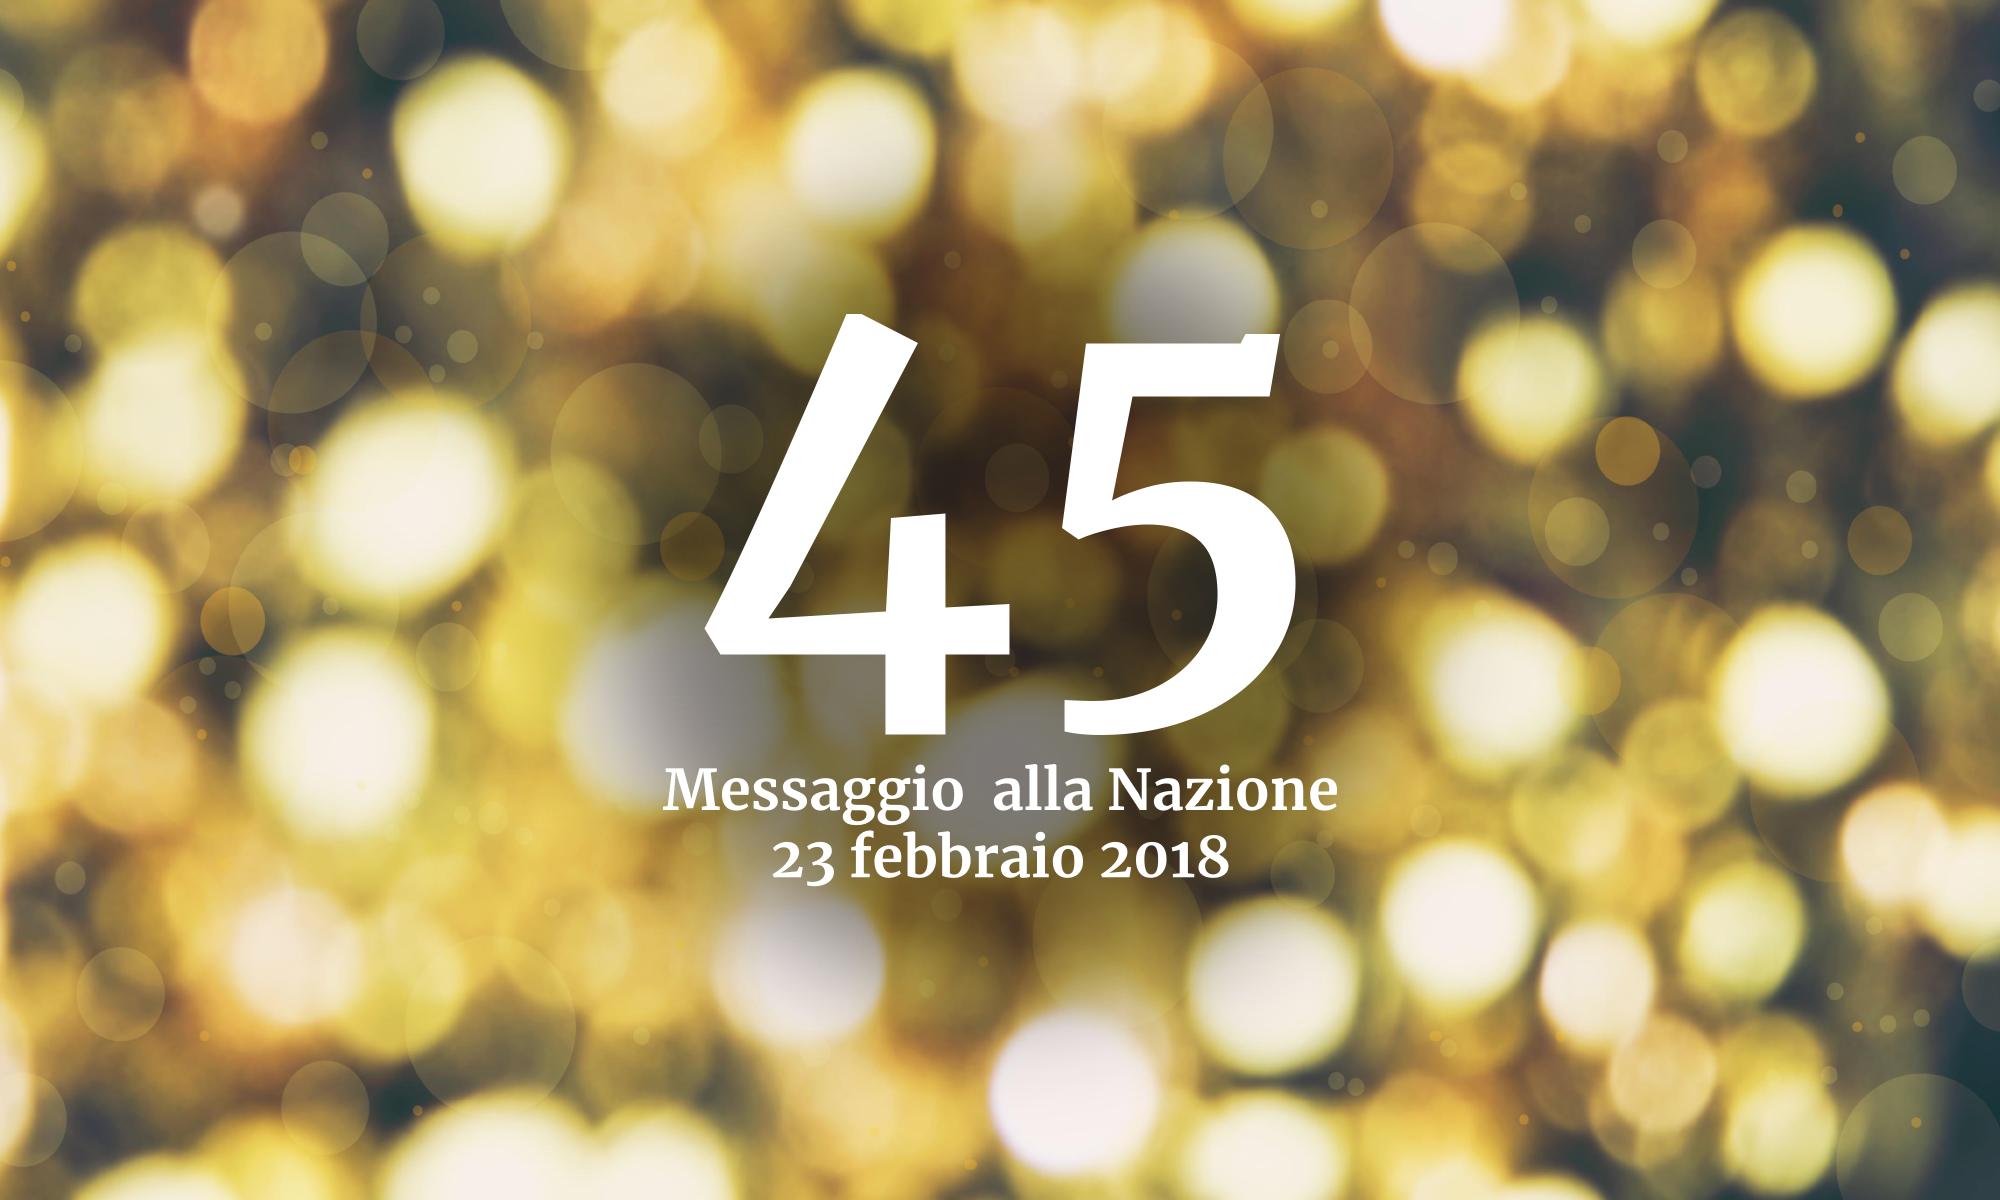 Messaggio alla Nazione 2018